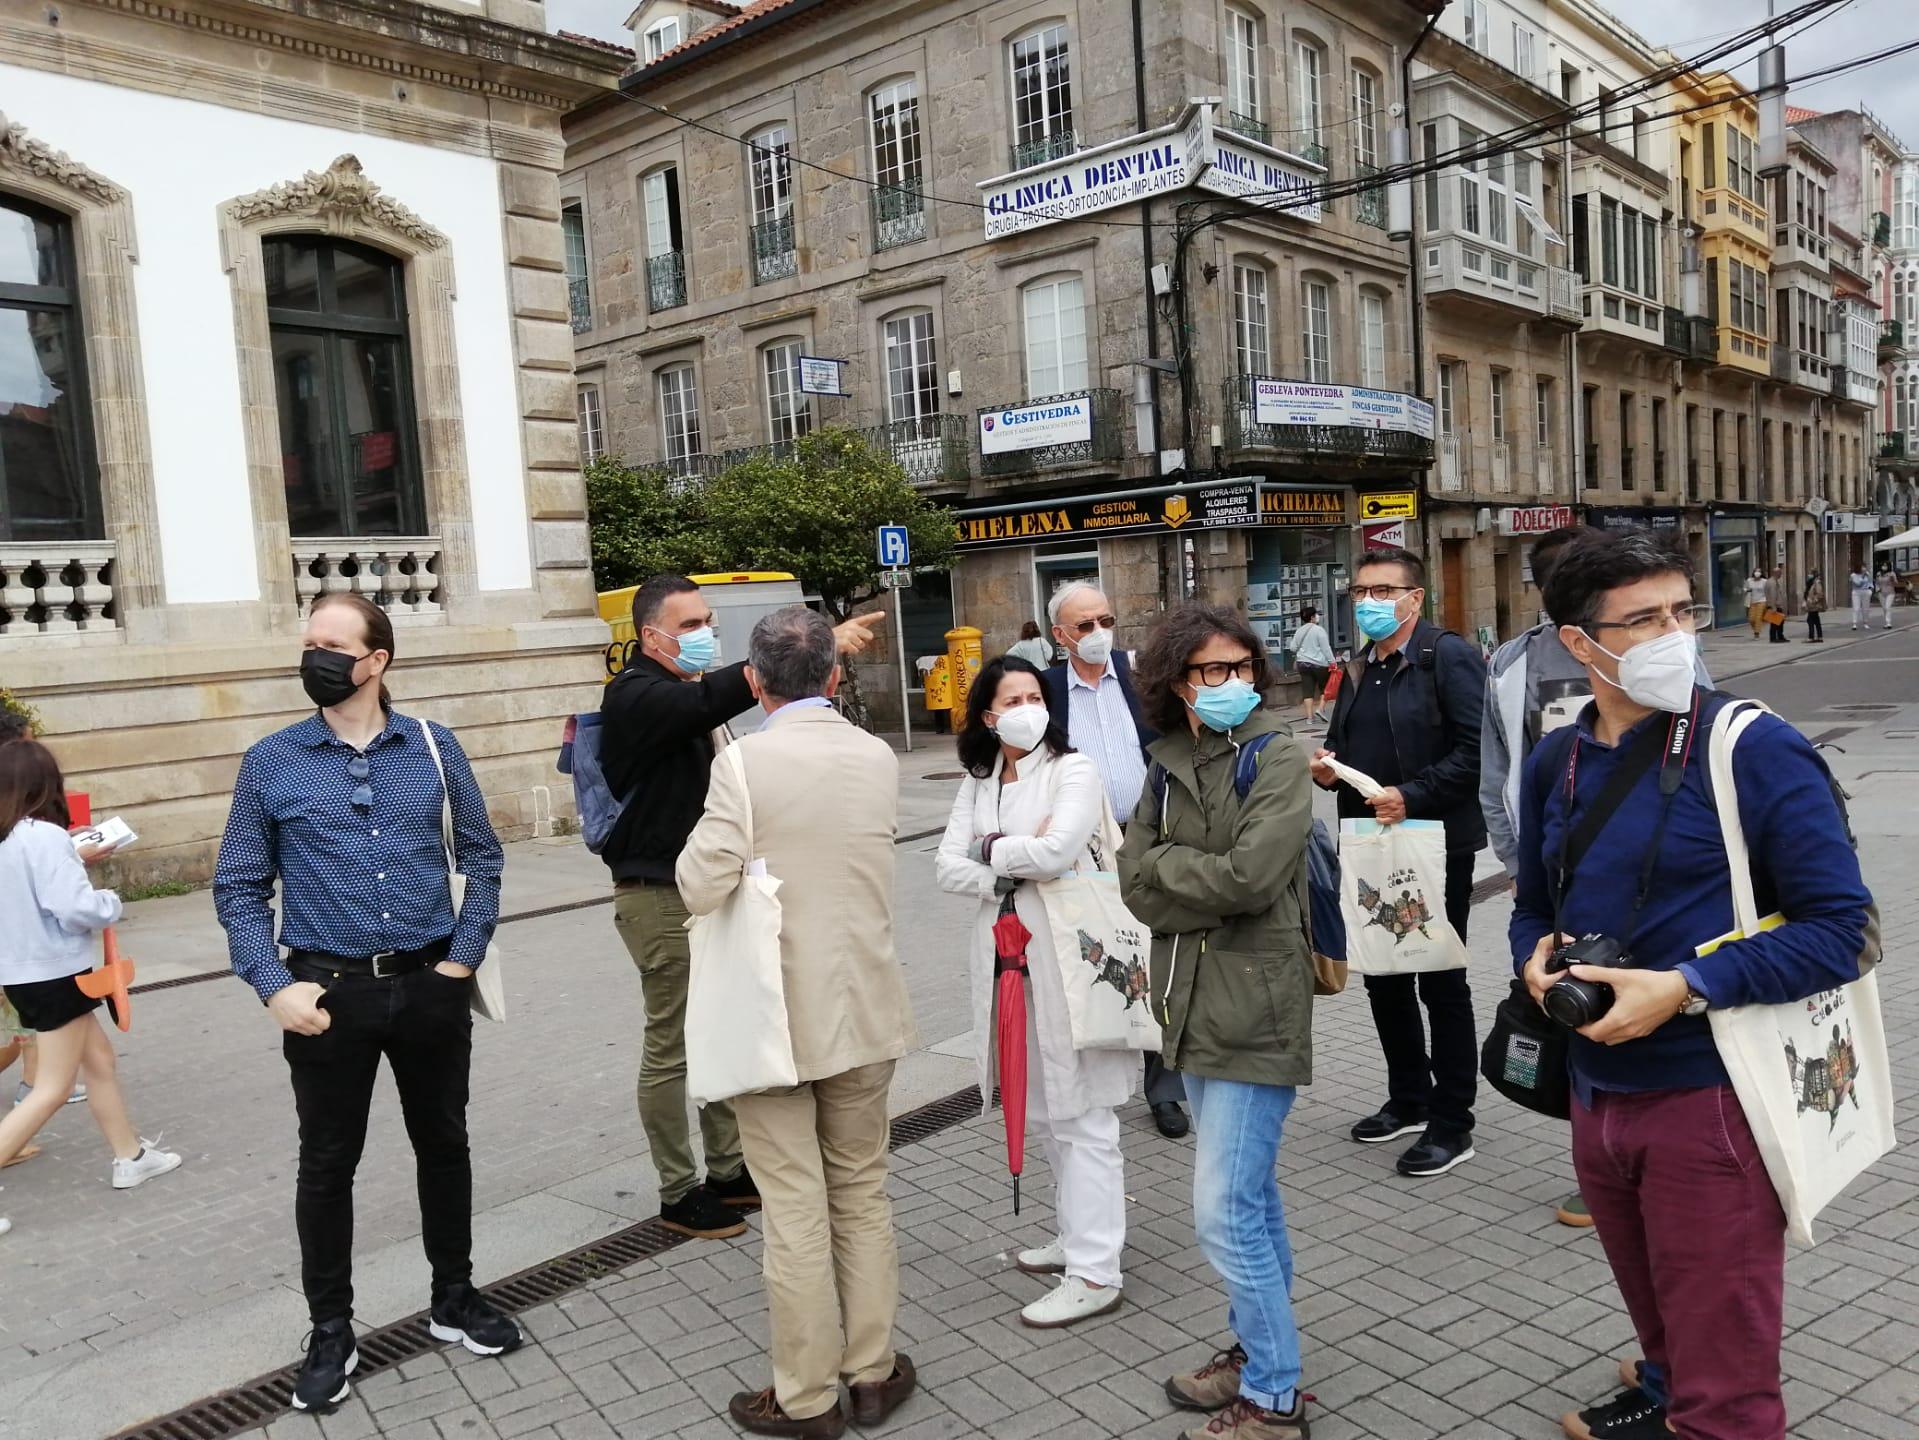 Bloquista Luís Lisboa procura na Galiza soluções de mobilidade amiga das pessoas para Guimarães